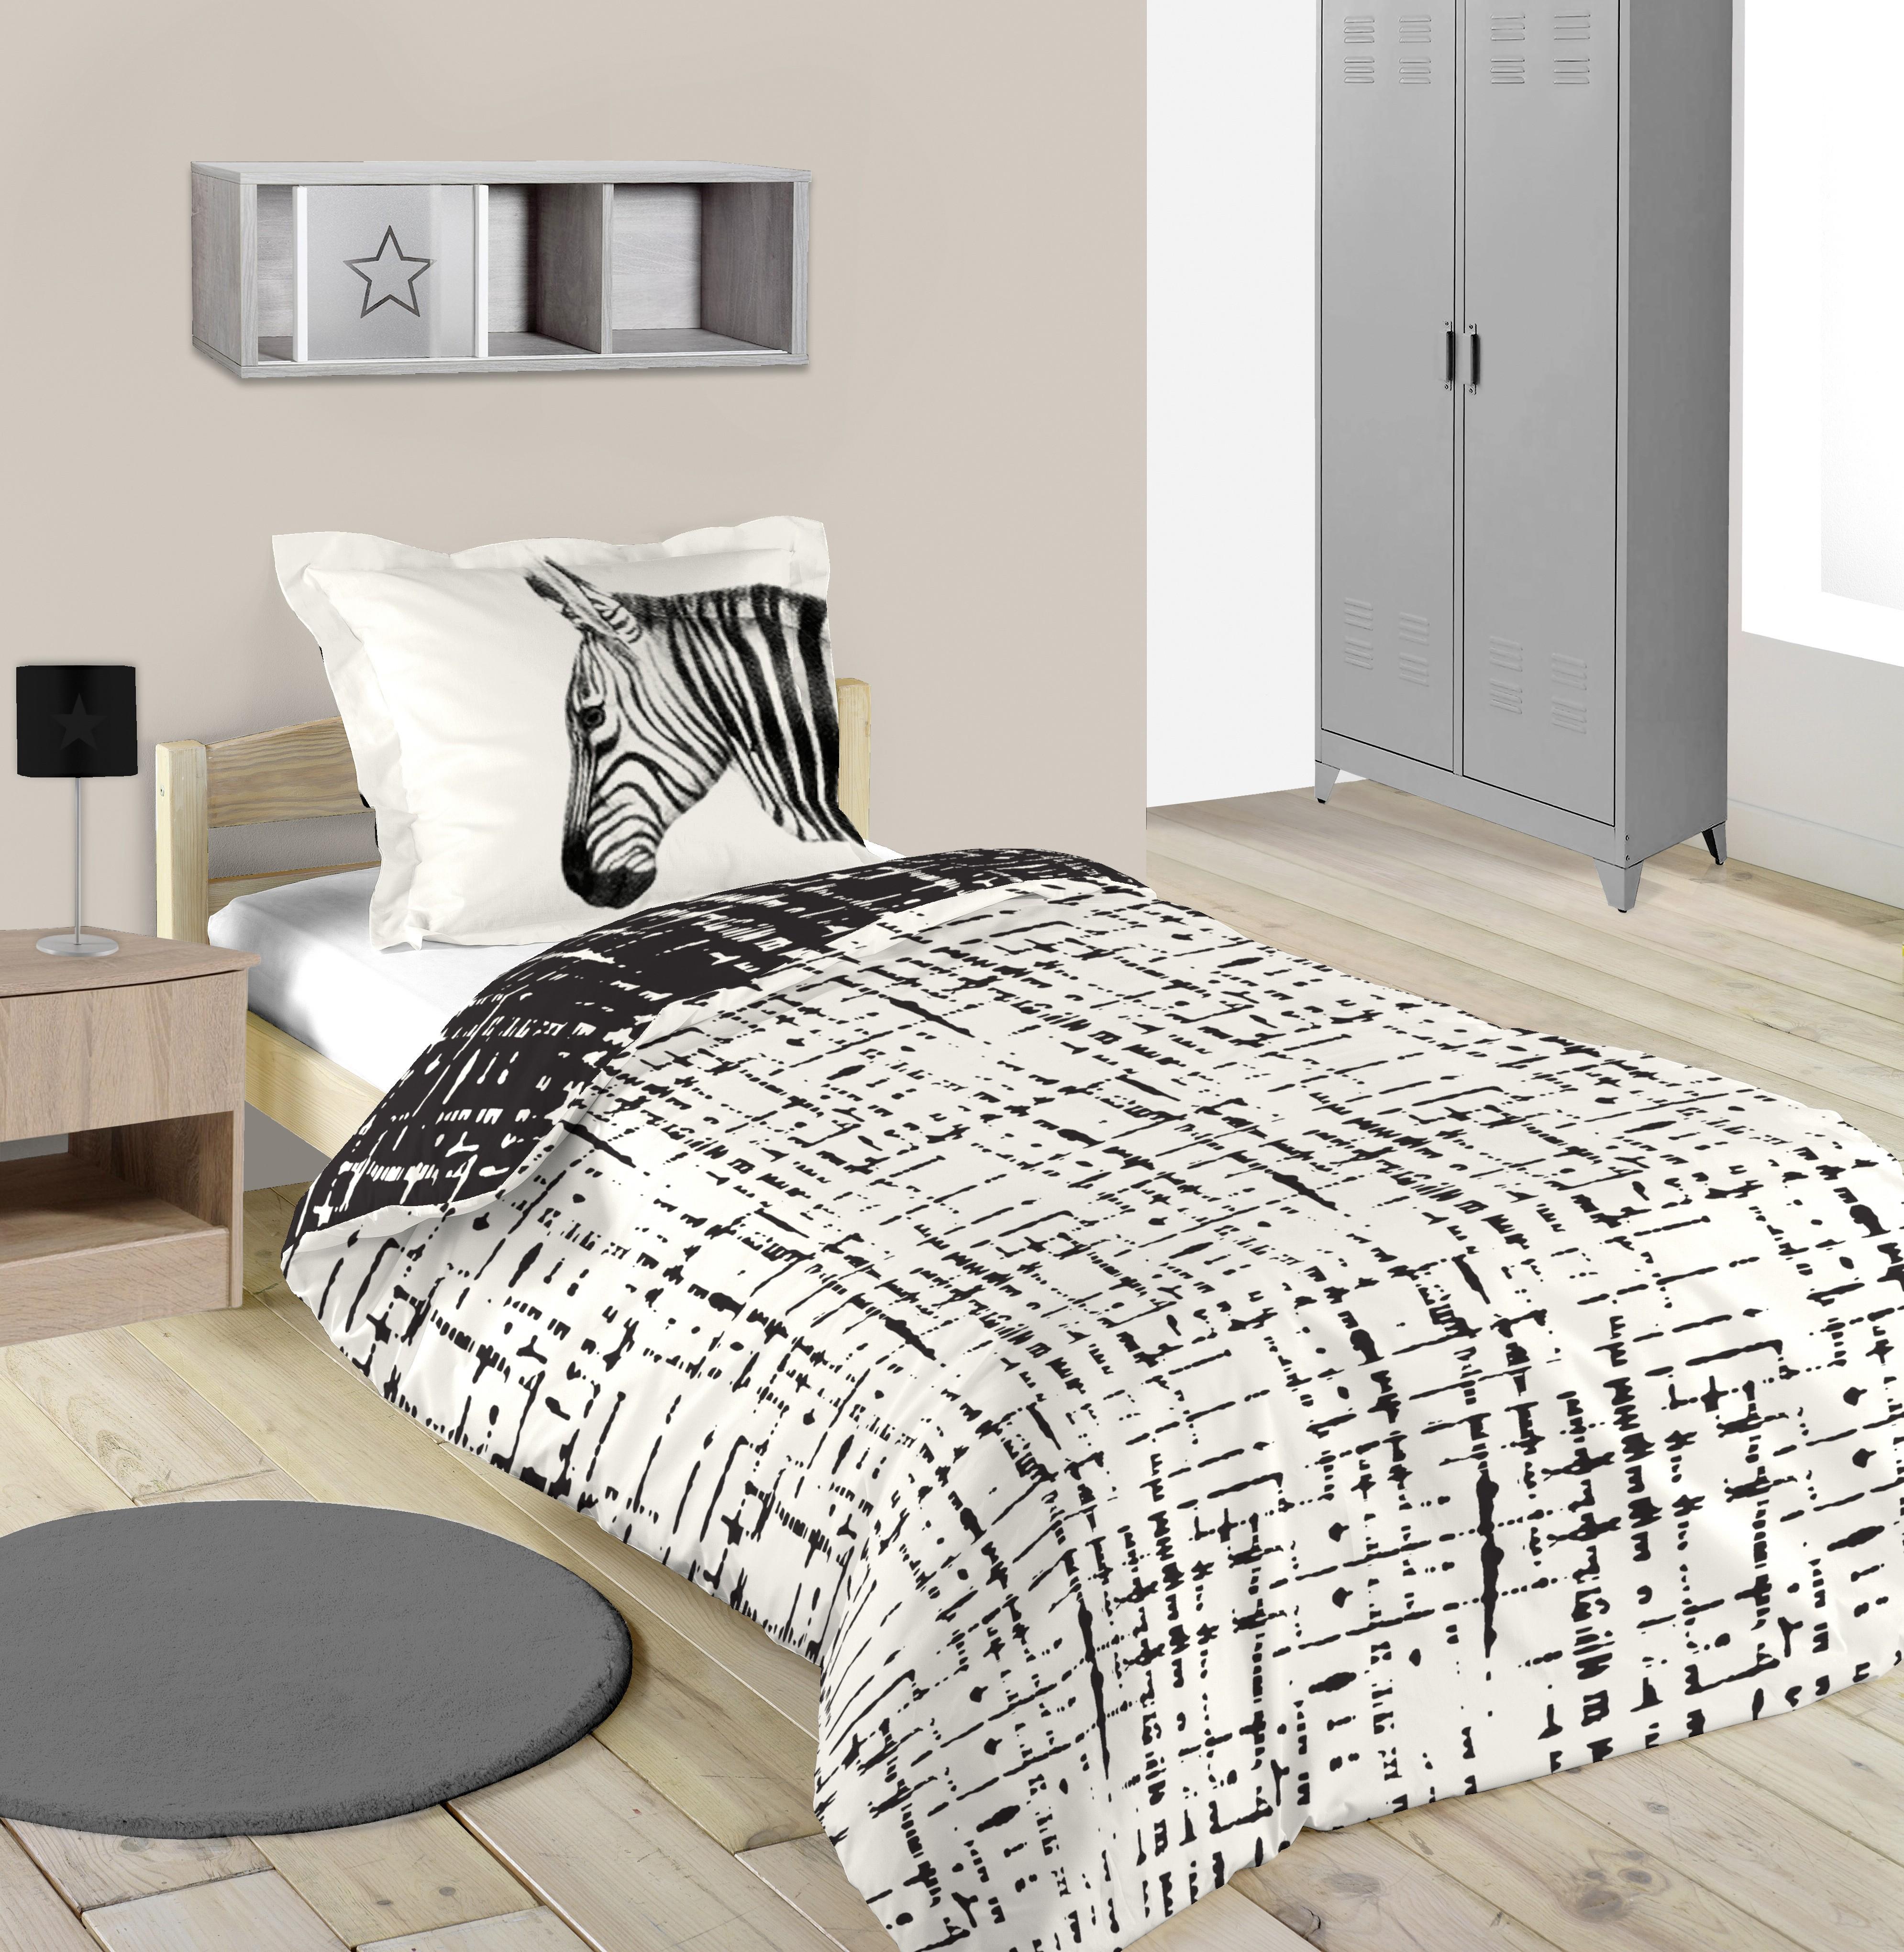 housse de couette coton single zebral x cm with housse de couette tunisie. Black Bedroom Furniture Sets. Home Design Ideas